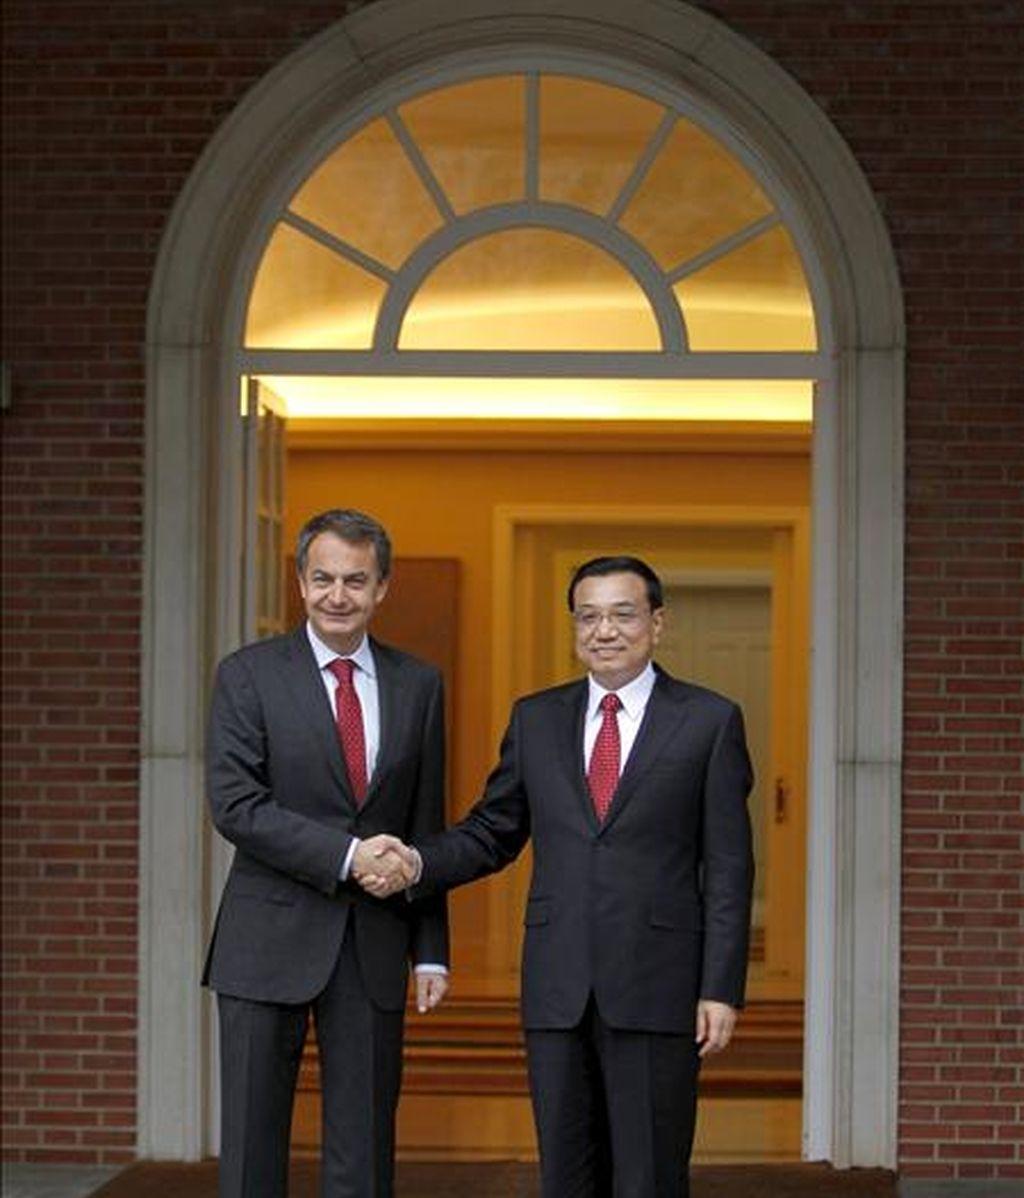 El presidente del Gobierno, José Luis Rodríguez Zapatero, recibió hoy, en el Palacio de la Moncloa, al viceprimer ministro chino, Li Keqiang, que se encuentra de visita oficial en España. EFE